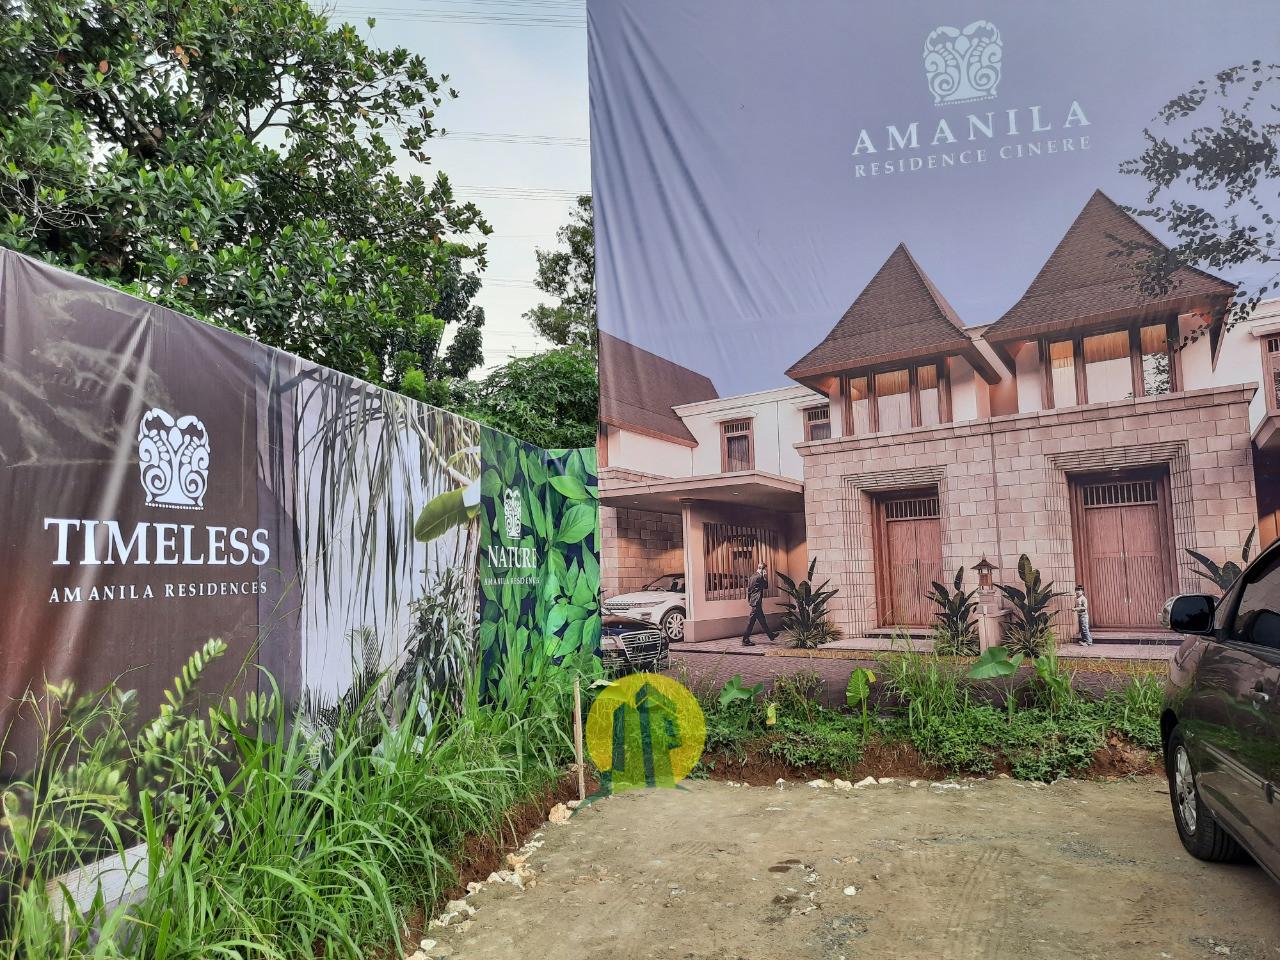 Amanila residence